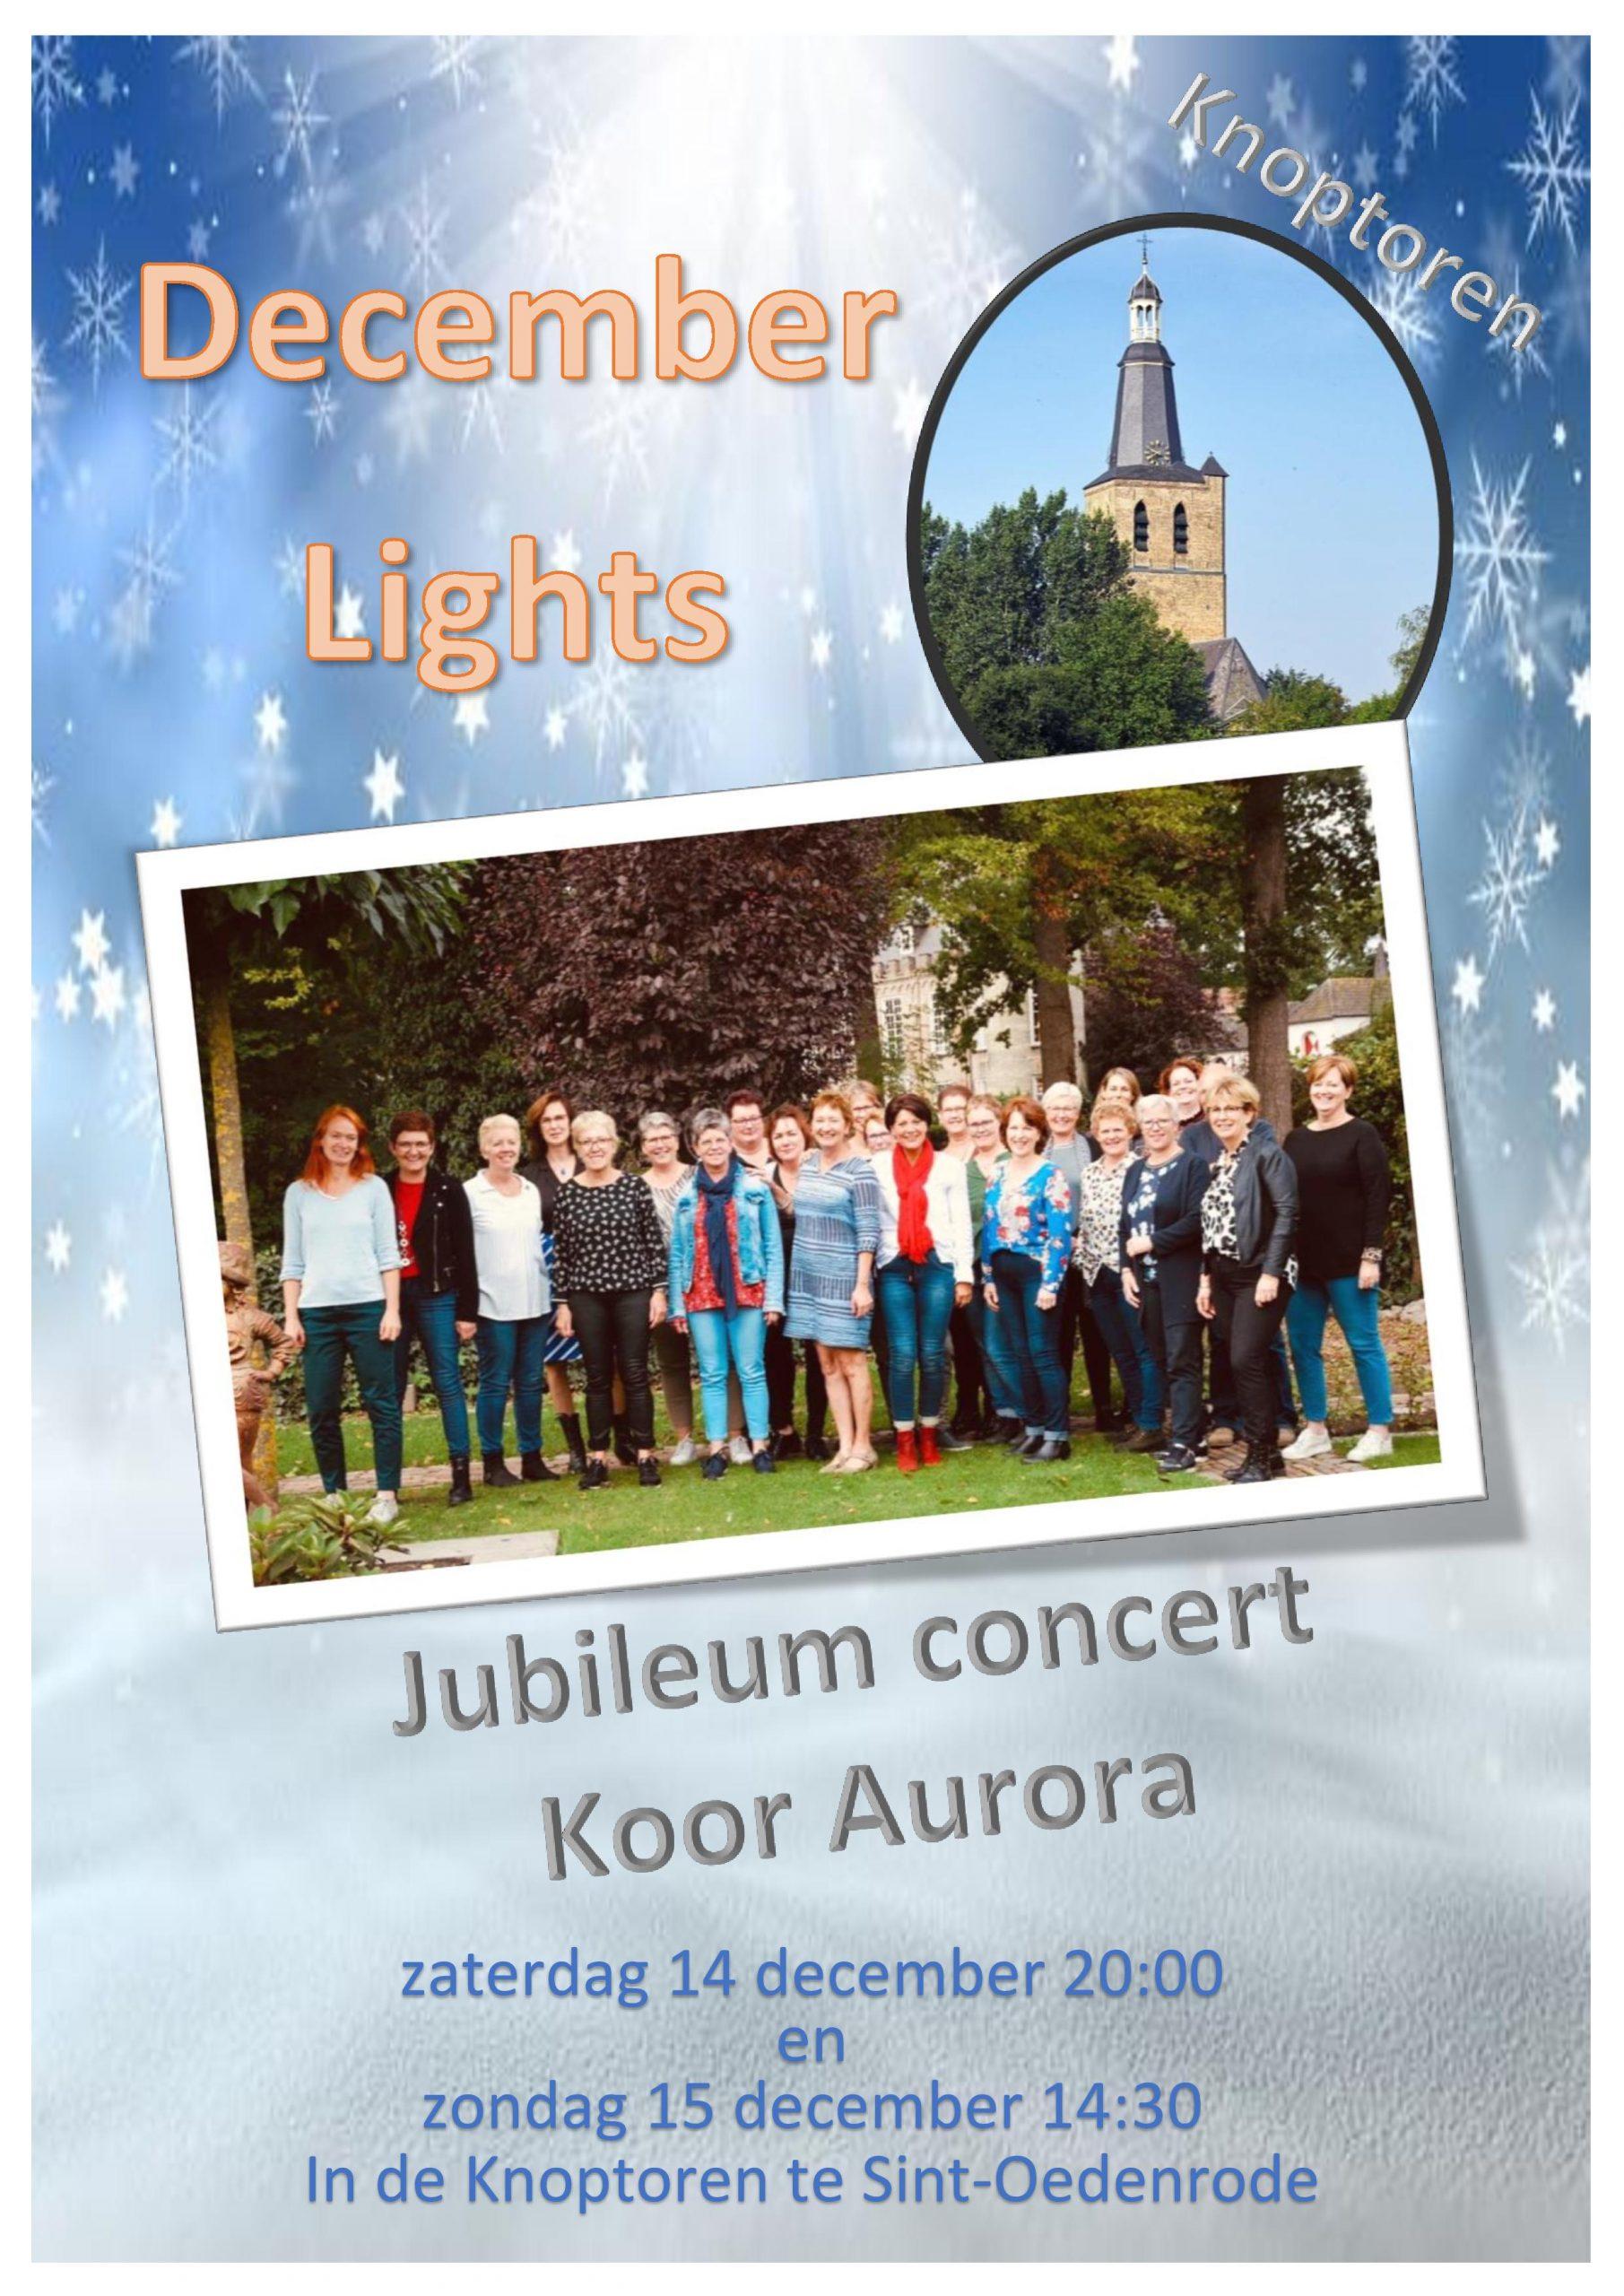 Aurora December lights knoptoren2019